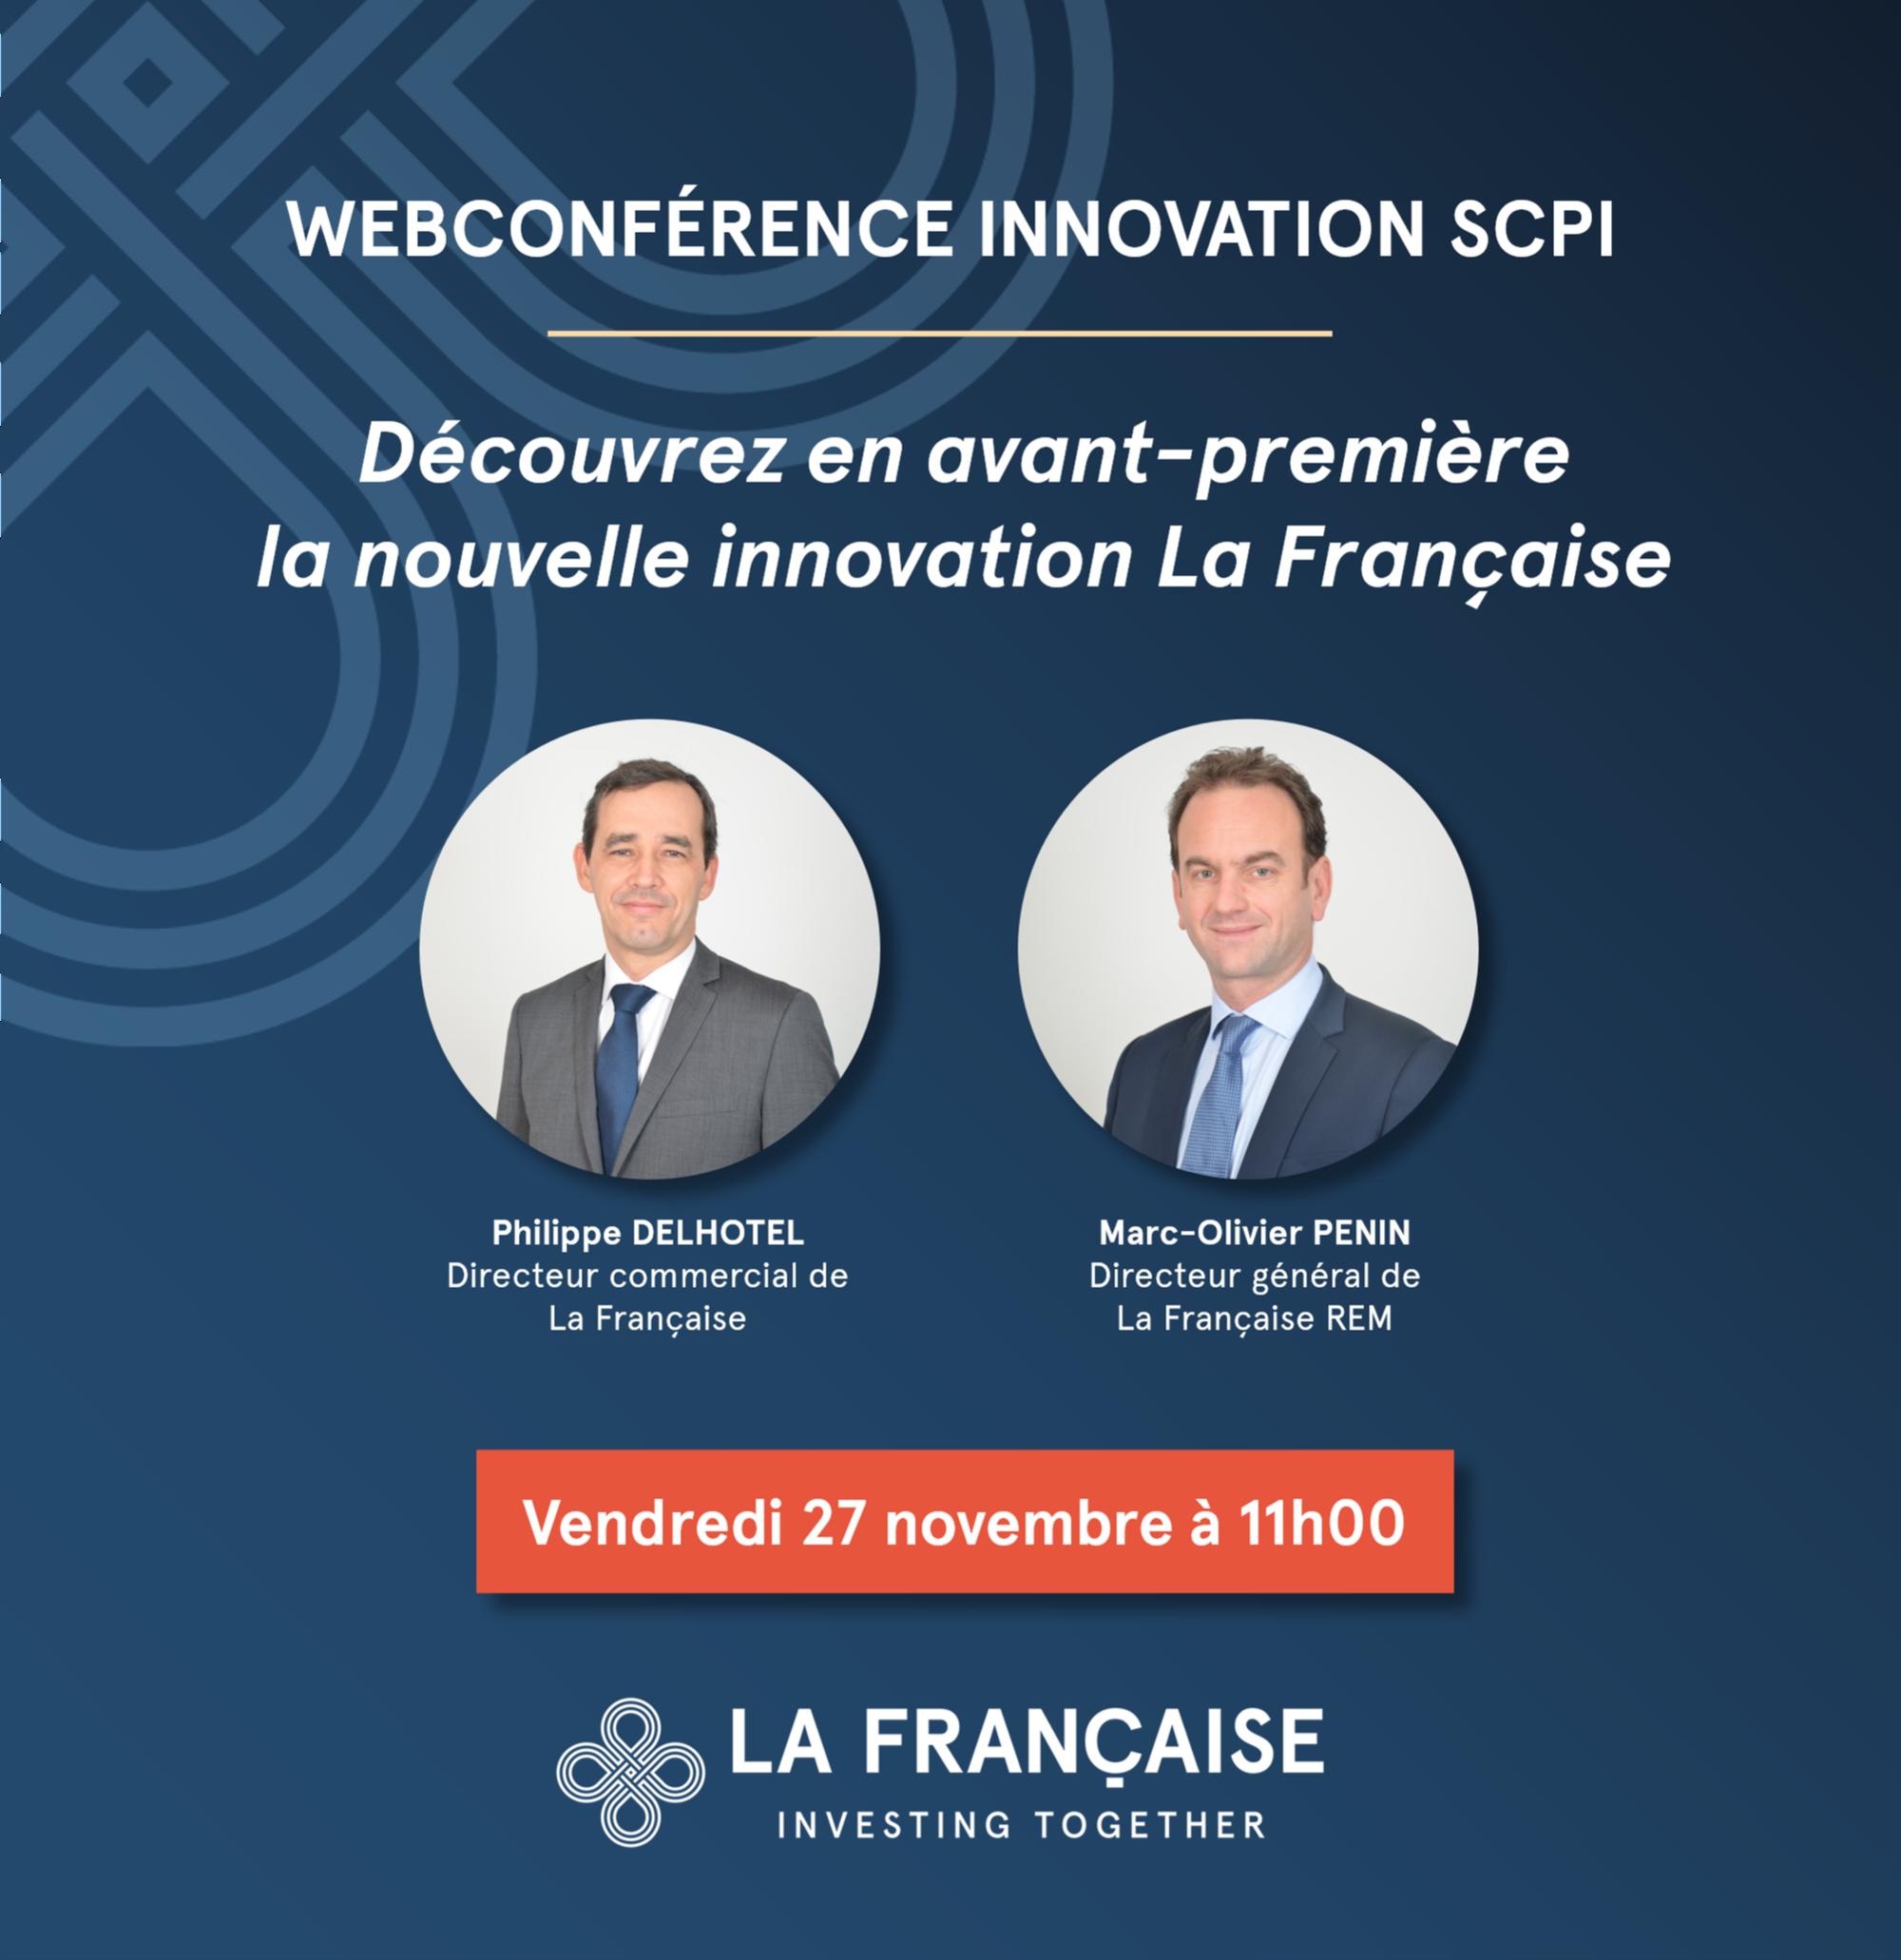 Webconference - découvrez en avant-première la nouvelle innovationSCPI La Française